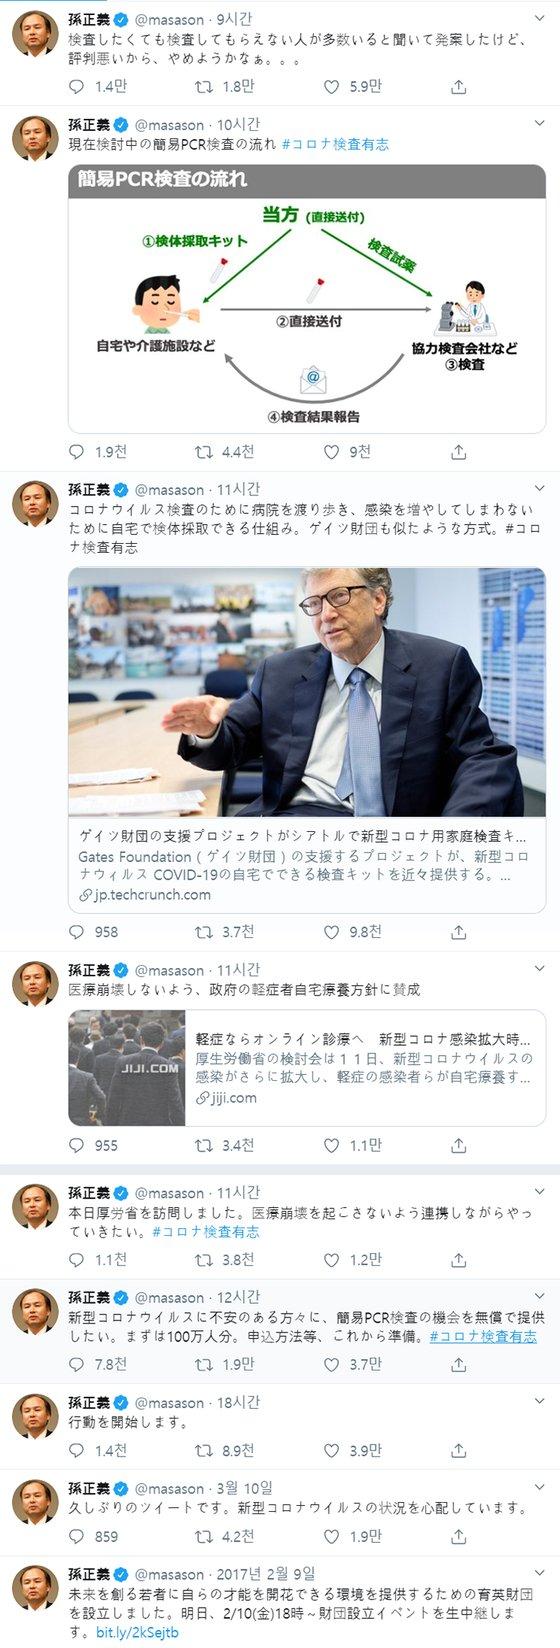 ソフトバンクの孫正義会長が2017年2月以降、約3年ぶりとなるツイートを残した。孫会長は9年前、東日本大震災当時も個人として100億円を寄付して話題を集めていた。[ツイッター キャプチャー]